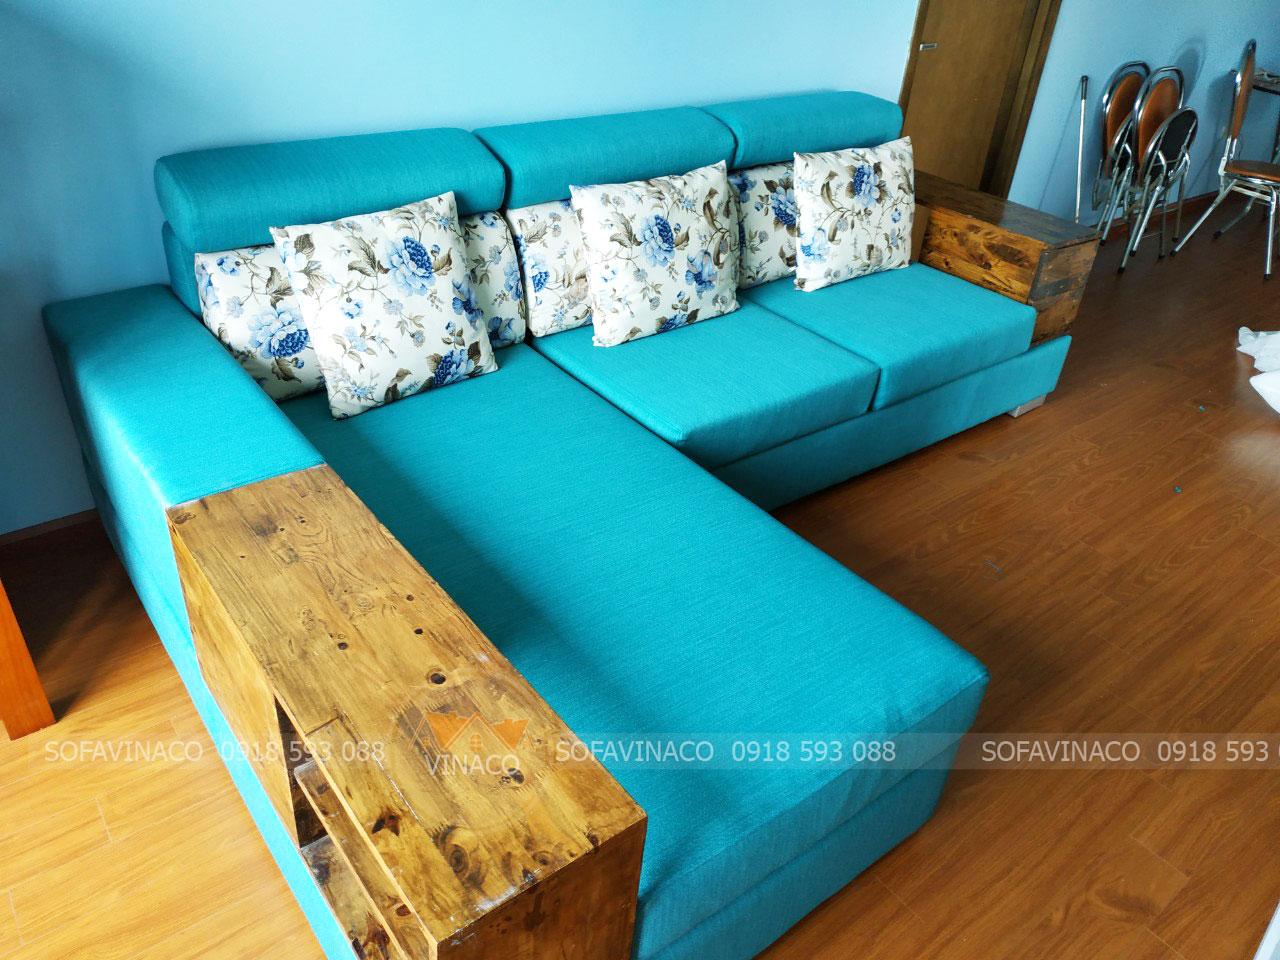 Bài trí sofa góc trong phòng khách như thế nào cho đẹp?